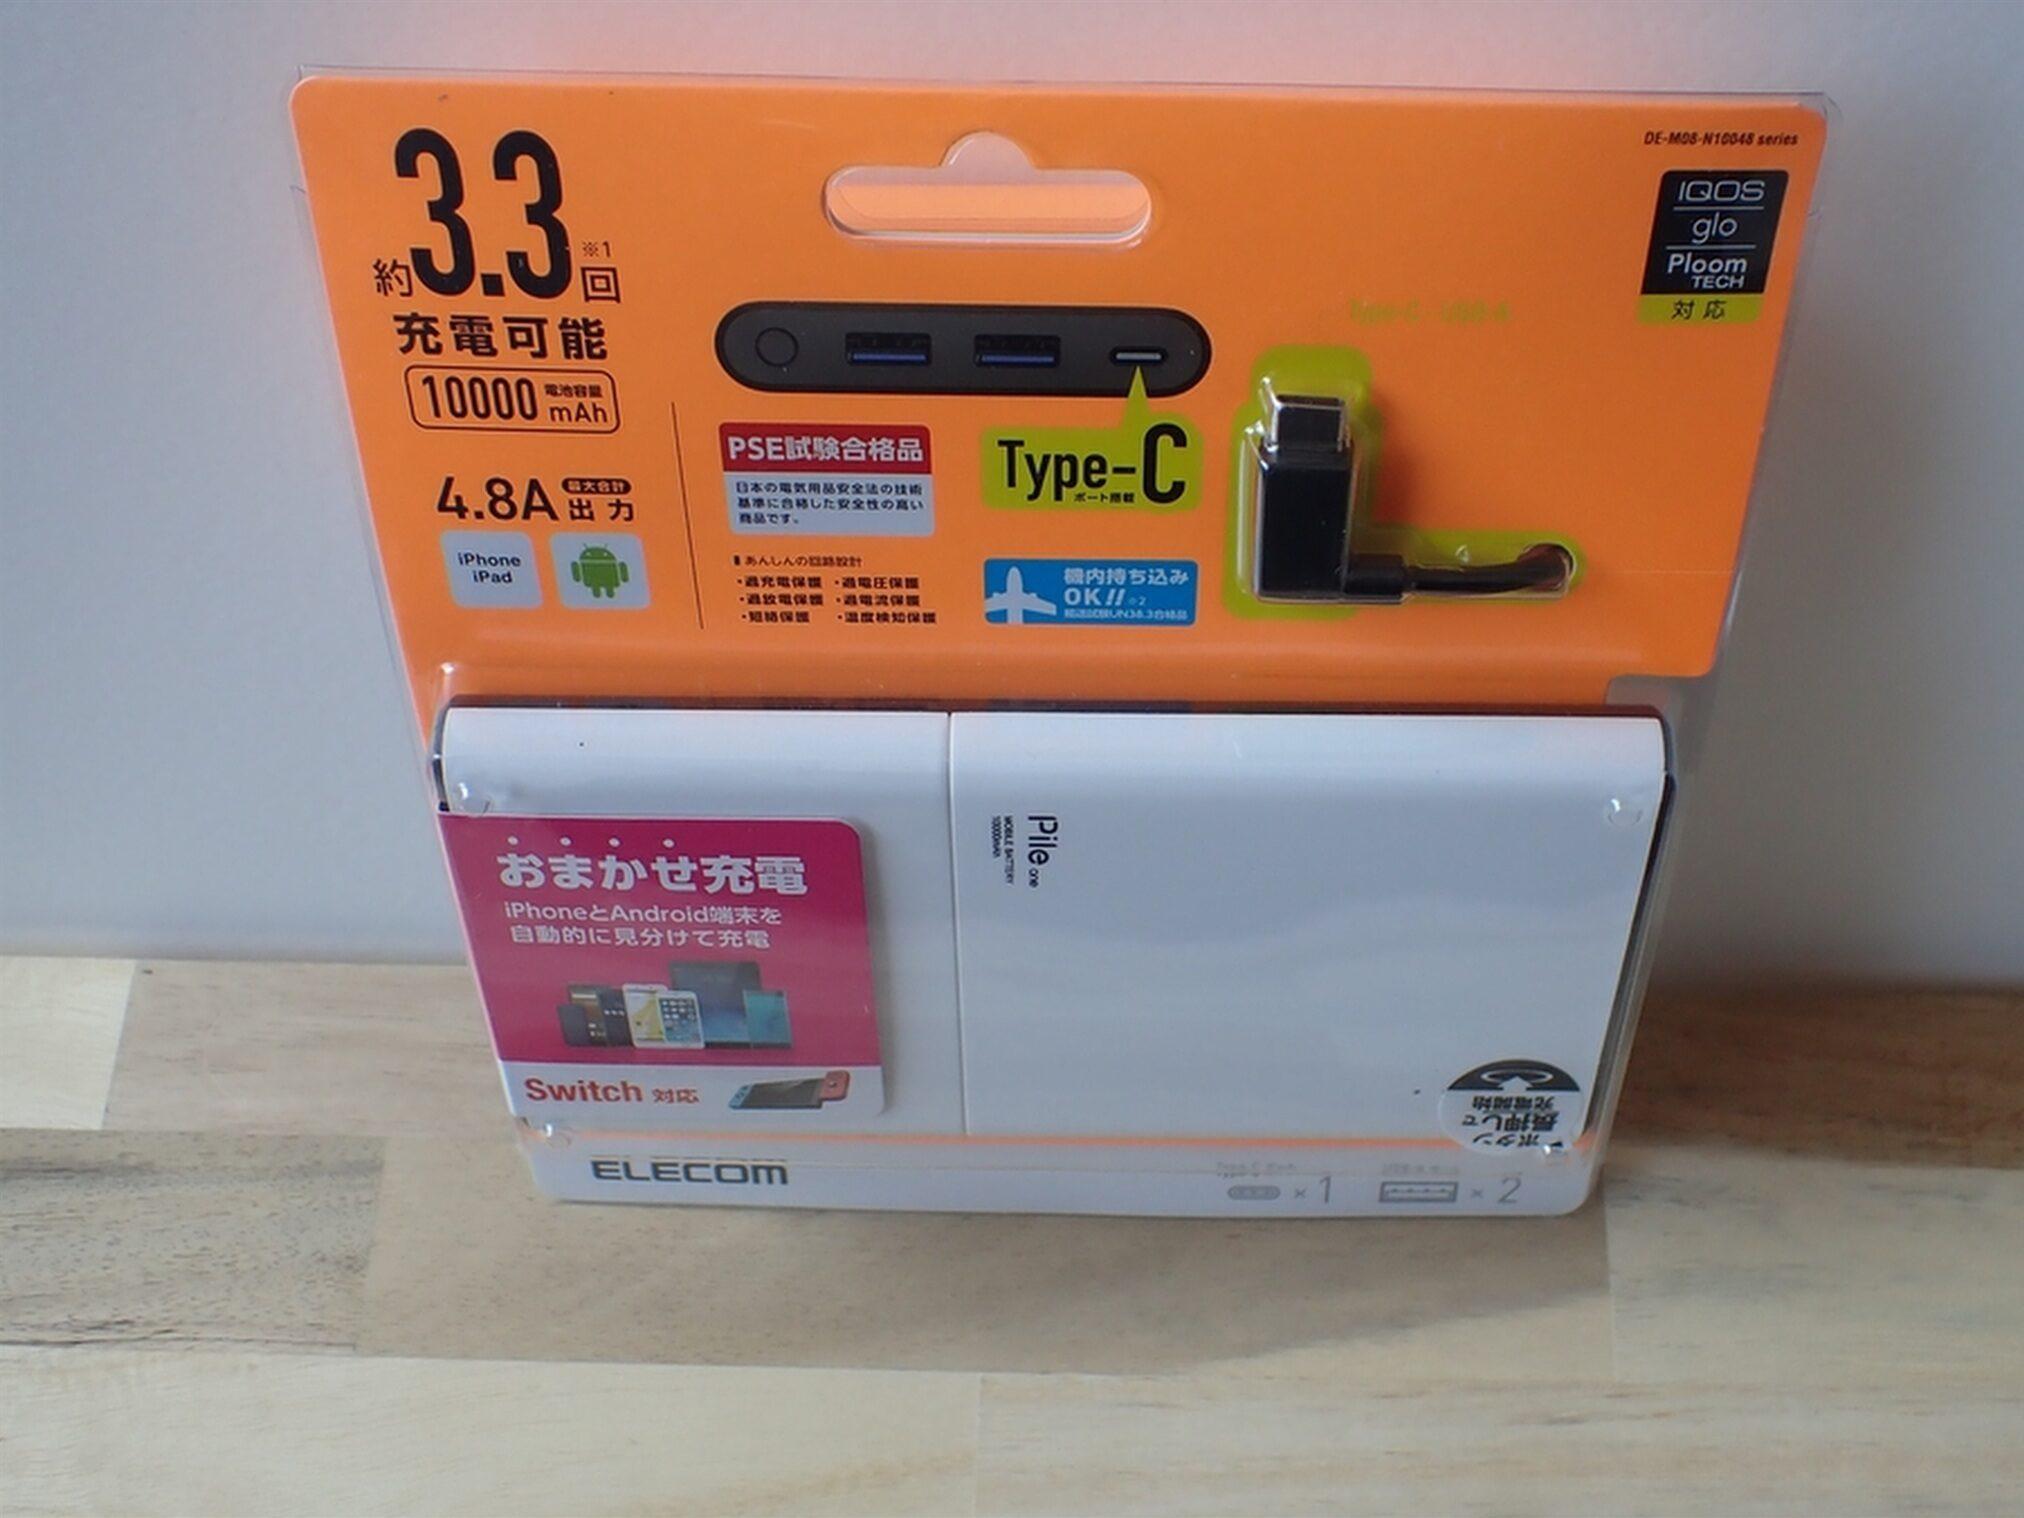 エレコム モバイルバッテリー Pile one Type-Cポート搭載 10000mAh 大容量 4.8A出力 DE-M08-N10048WH